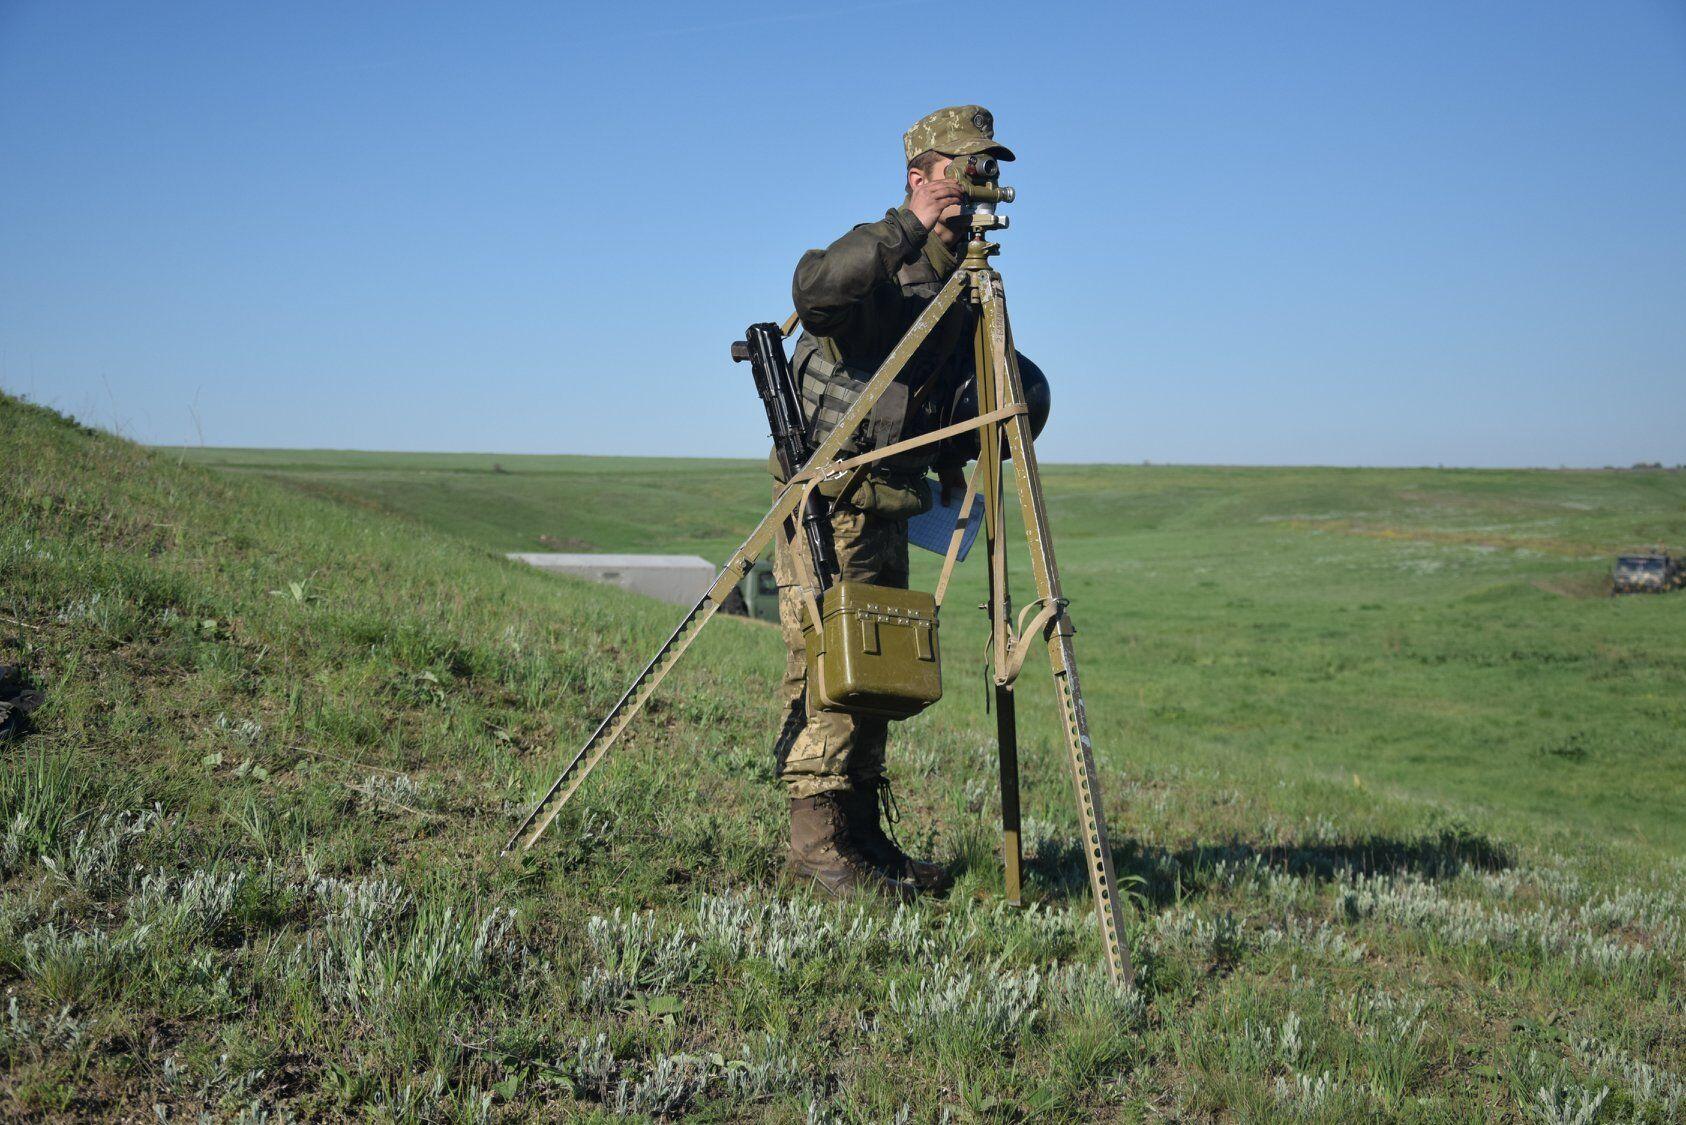 ВСУ показали полную боевую готовность: впечатляющие фото